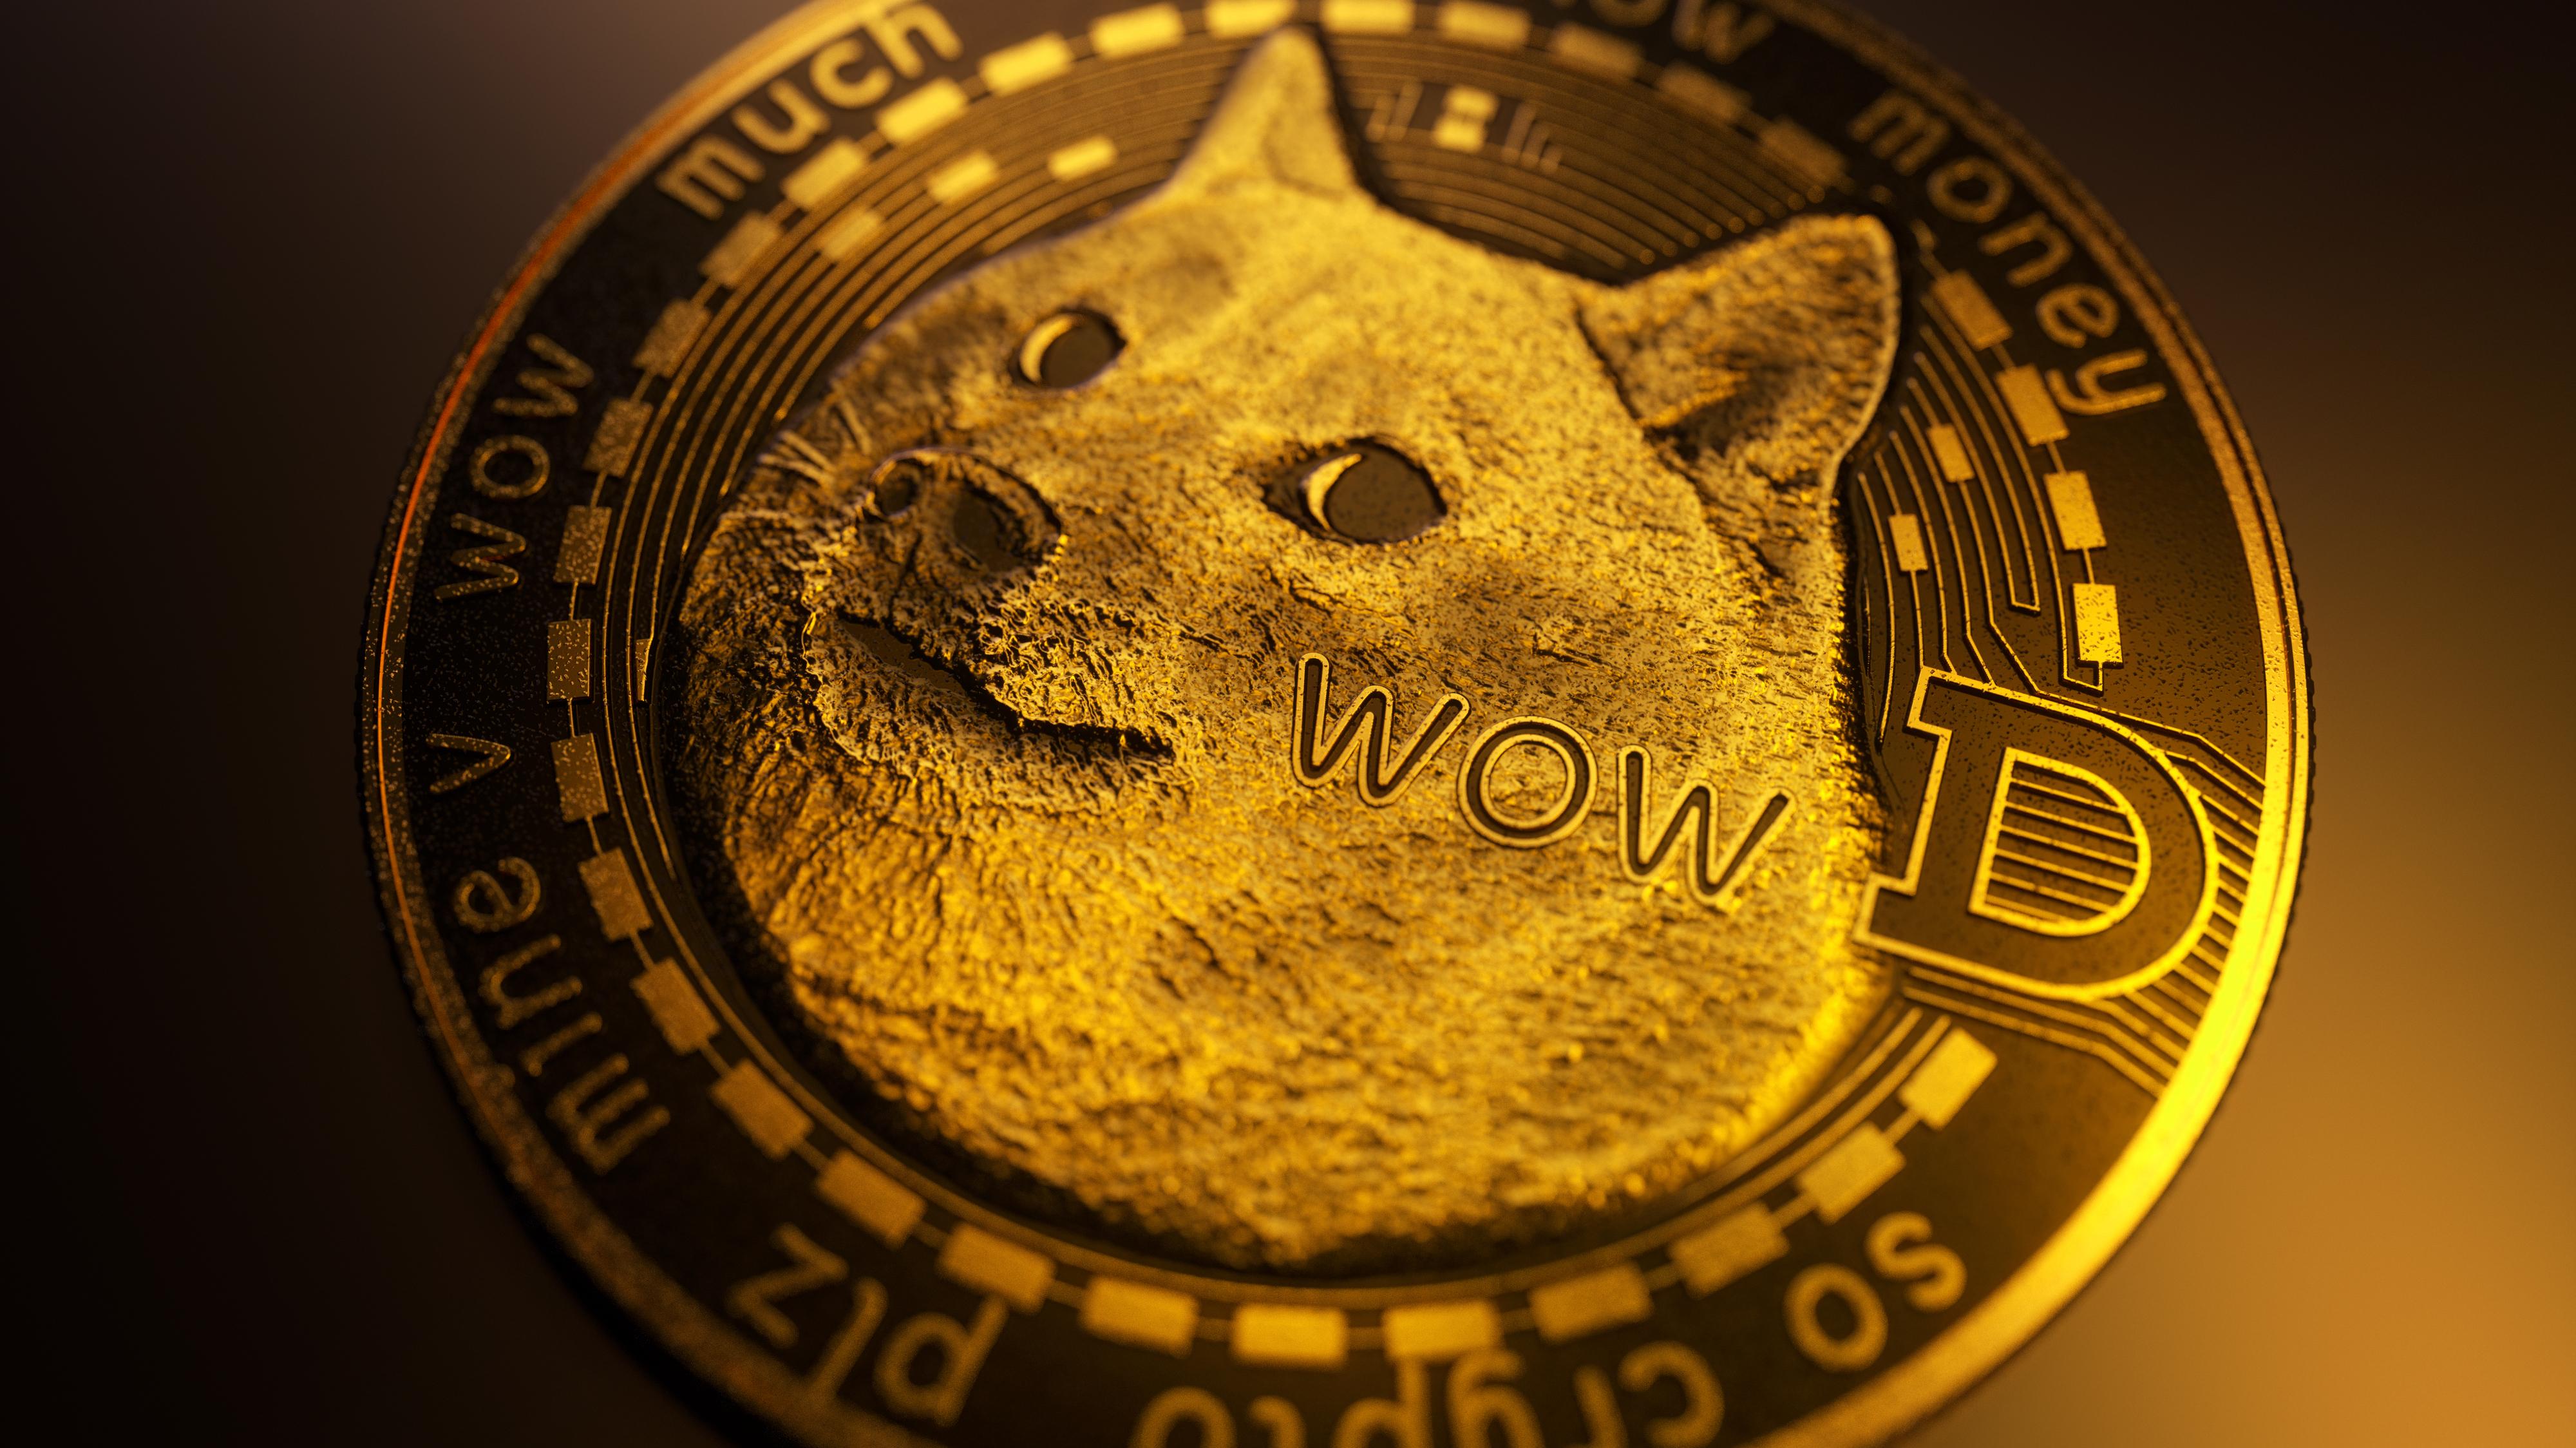 Bitcoin-Parodie Dogecoin: Das ist der wahre Wert der Hype-Kryptowährung